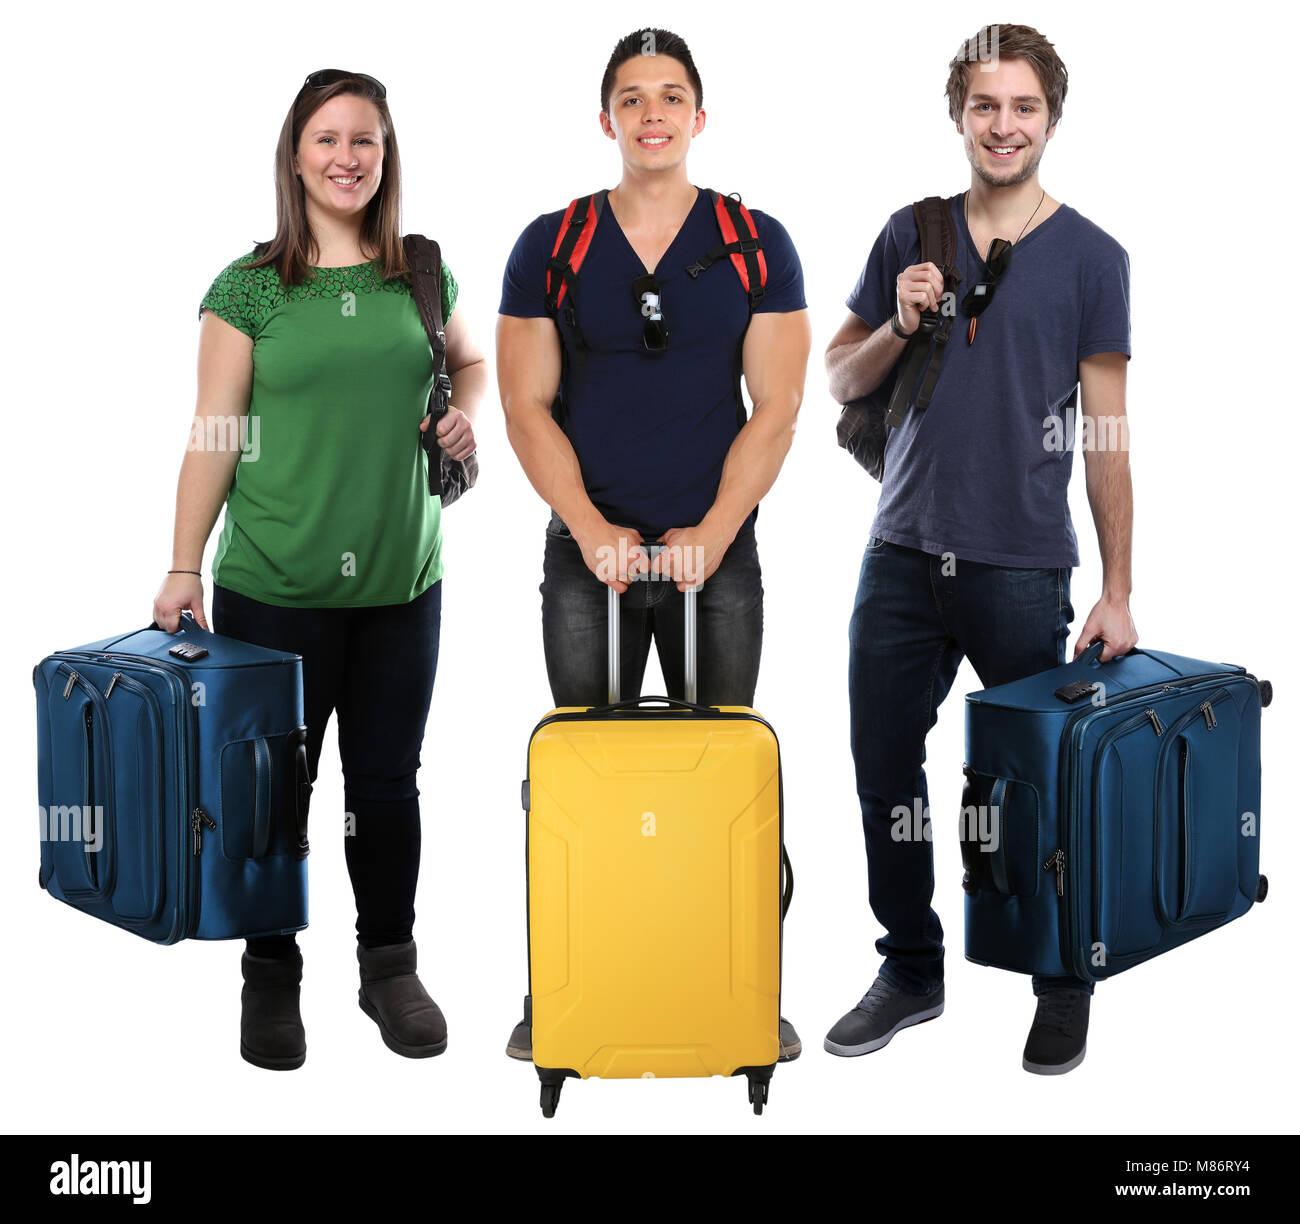 Gepäck Gruppe junger Menschen urlaub ferien Tasche reisen auf weißem Hintergrund Reisen Stockbild